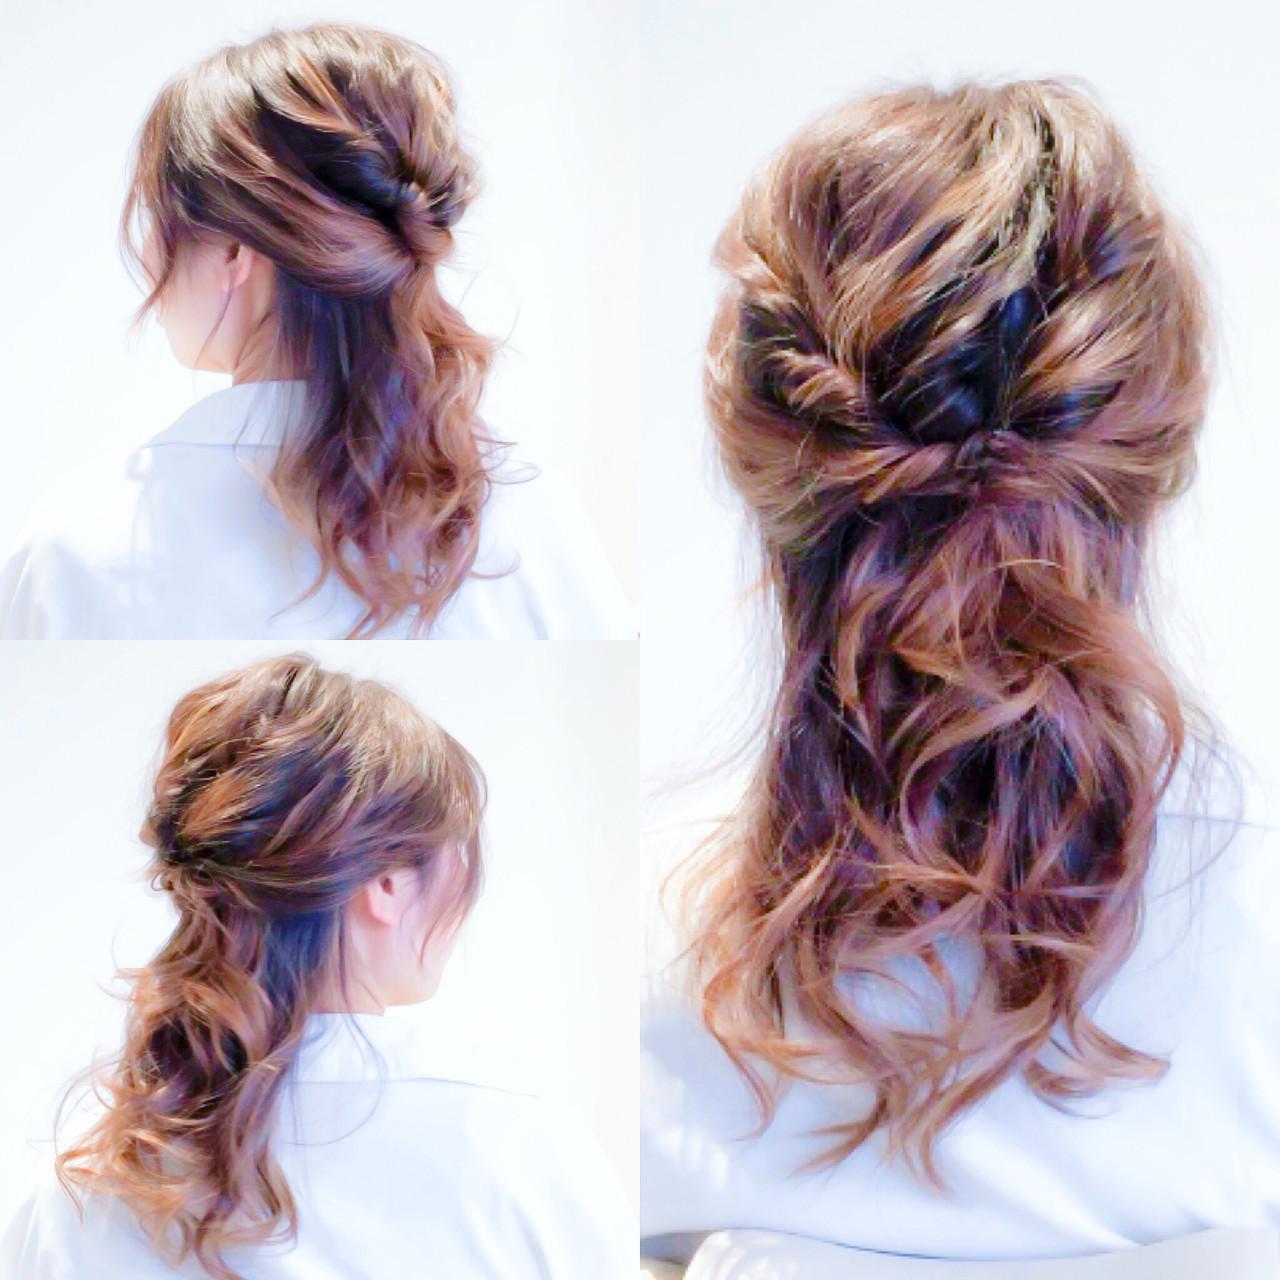 簡単ヘアアレンジ ハーフアップ デート ヘアアレンジ ヘアスタイルや髪型の写真・画像